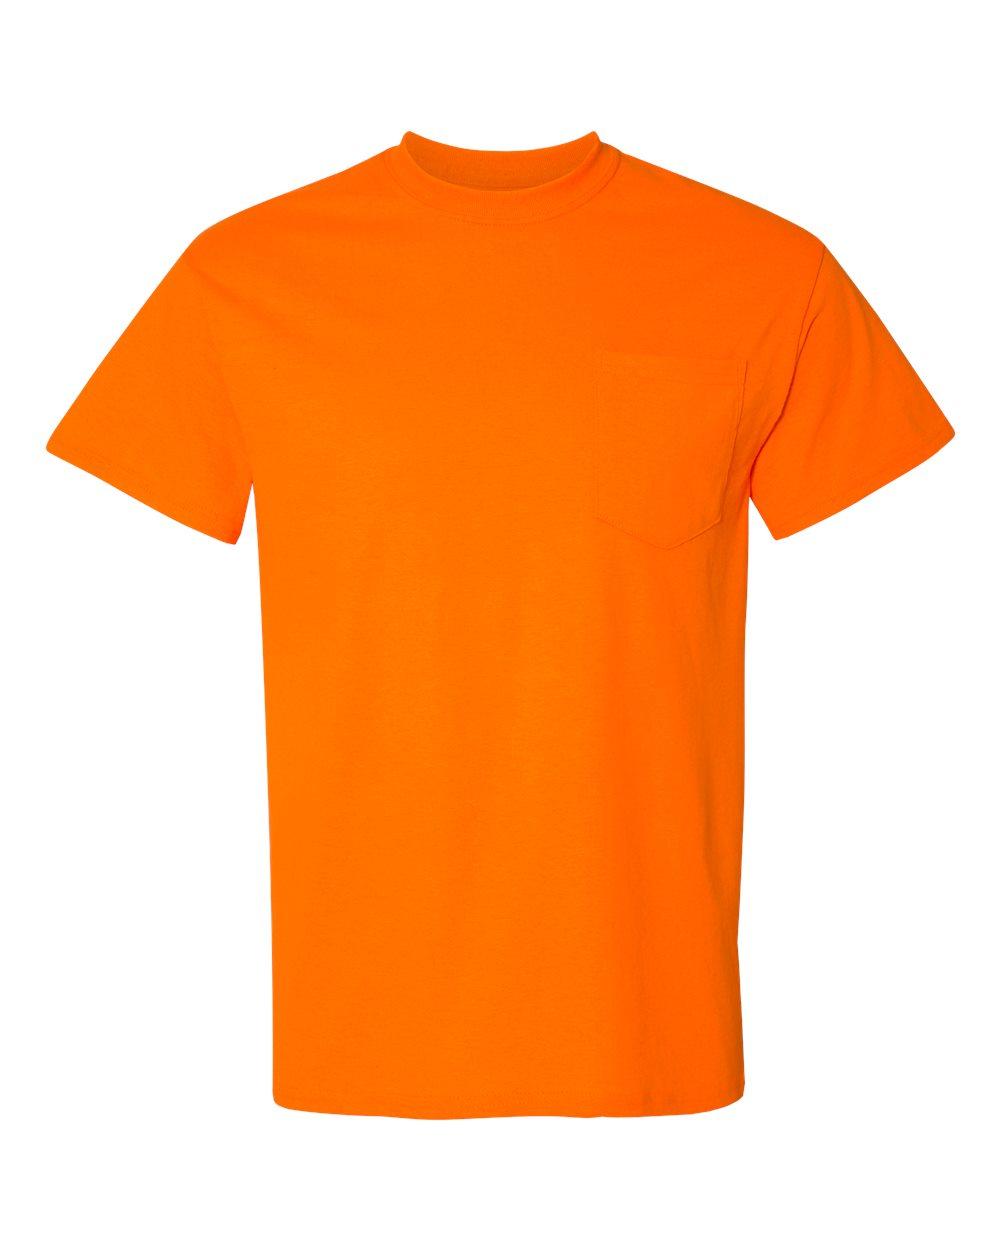 click to view S. Orange